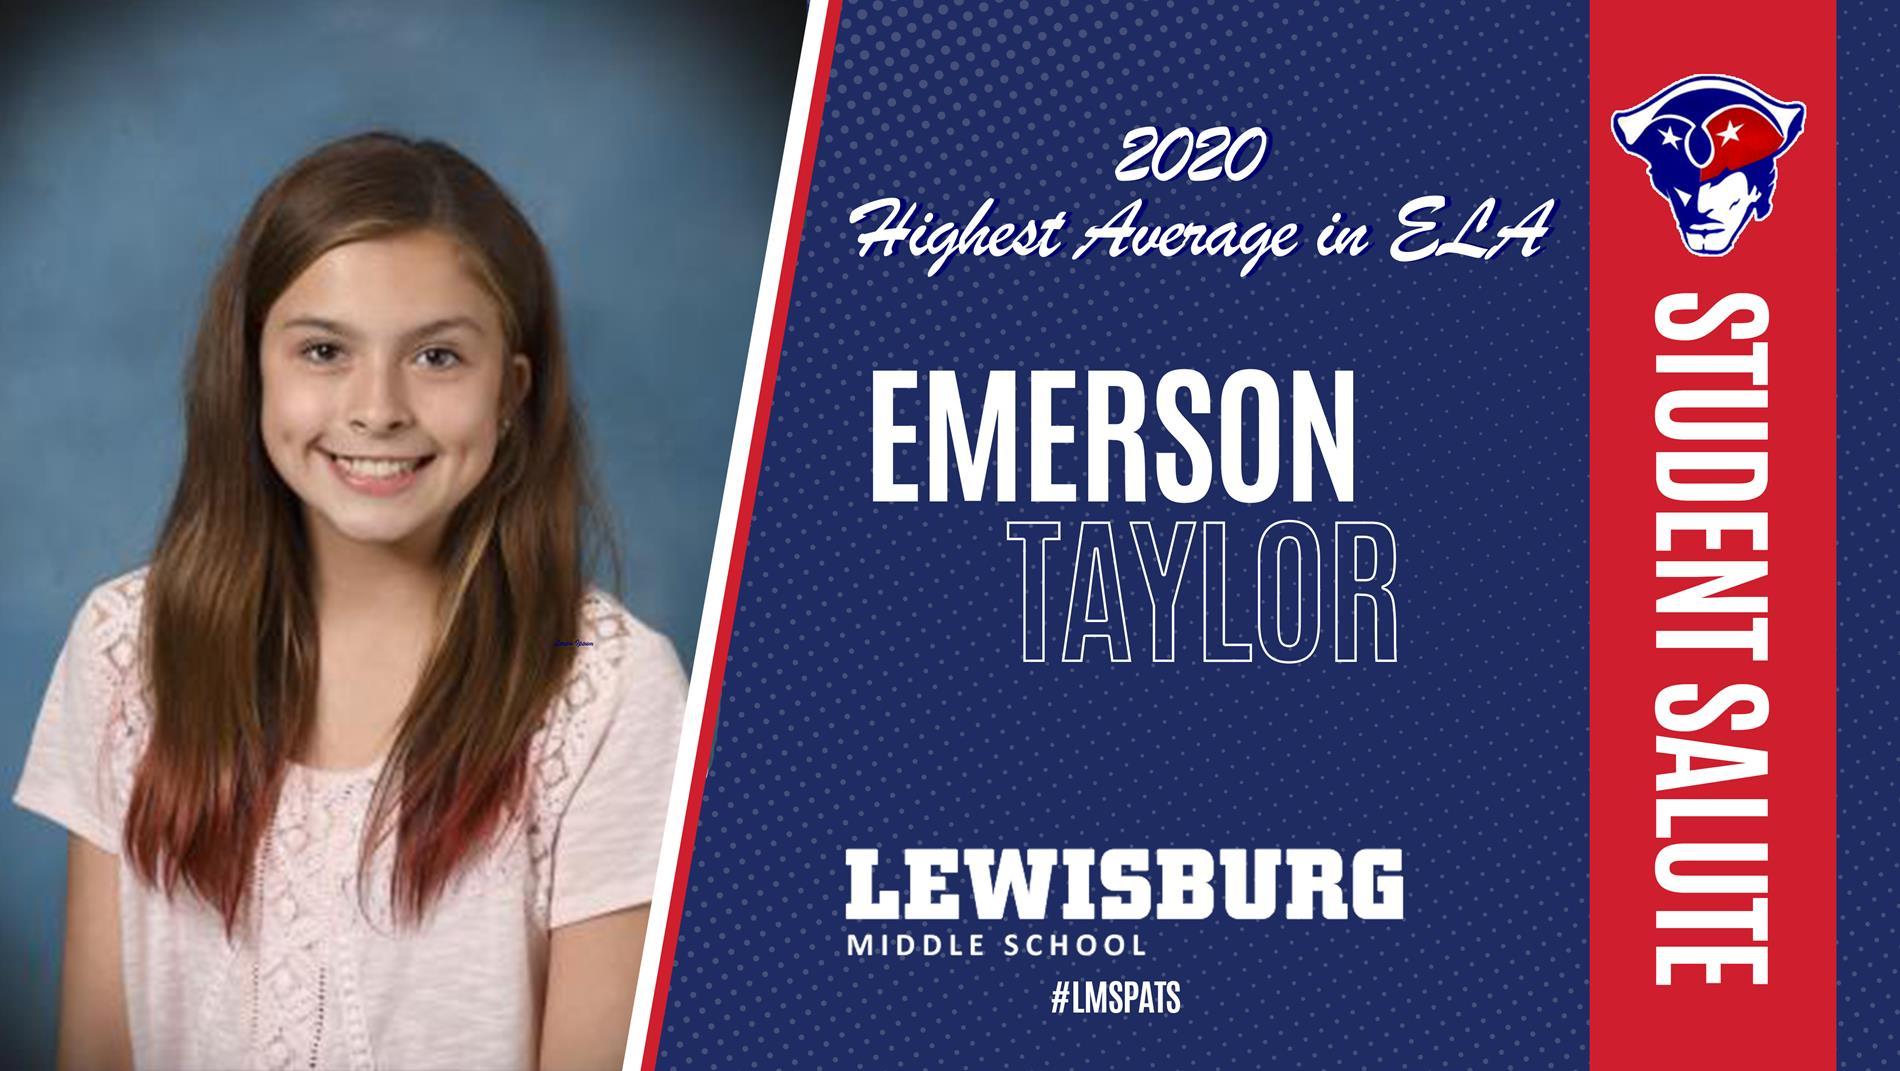 Congrats Emerson!